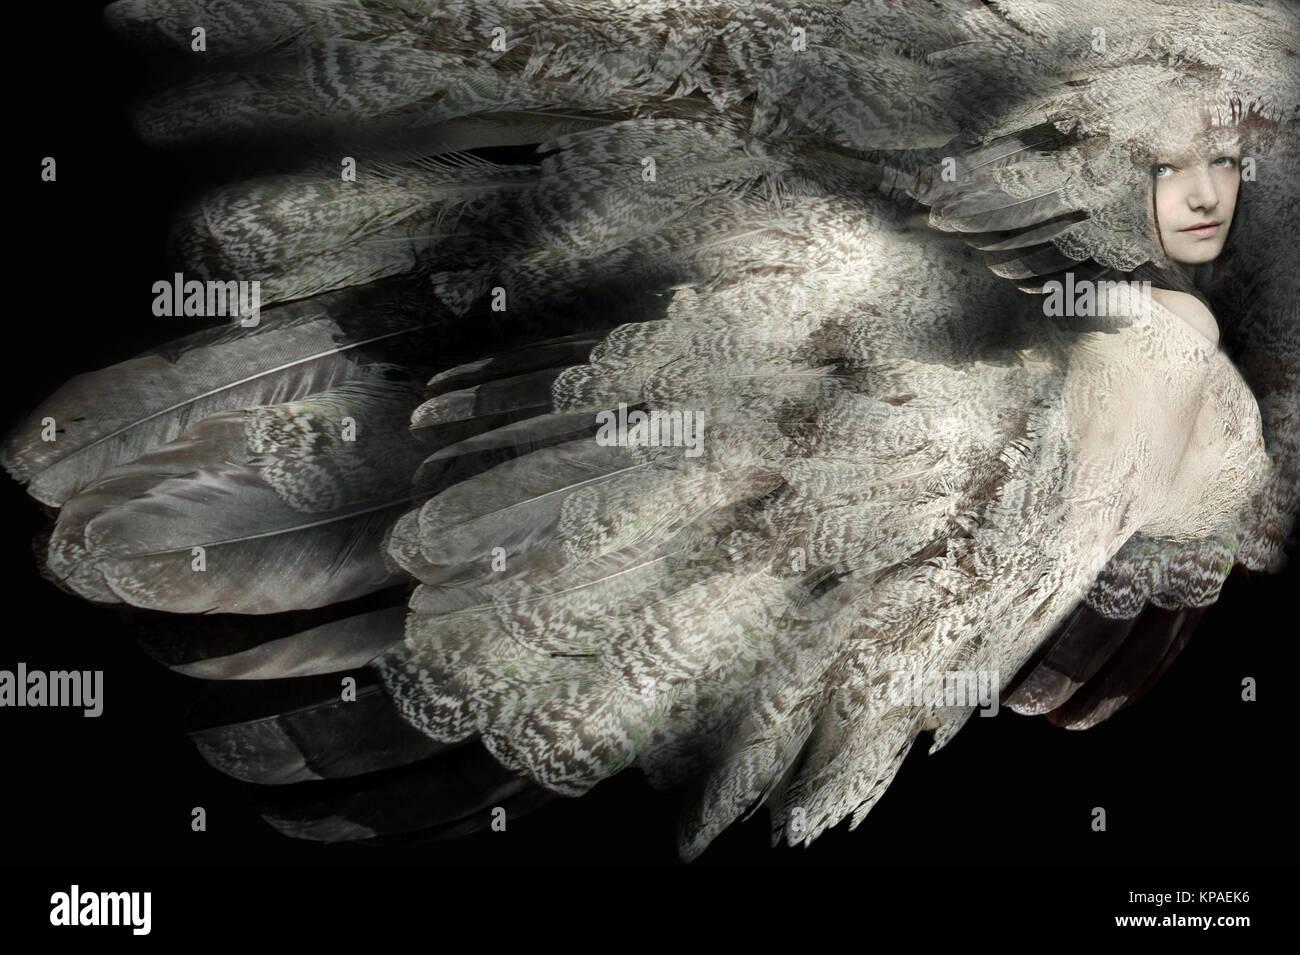 Beau portrait artistique d'une jeune fille avec leur plumage Photo Stock